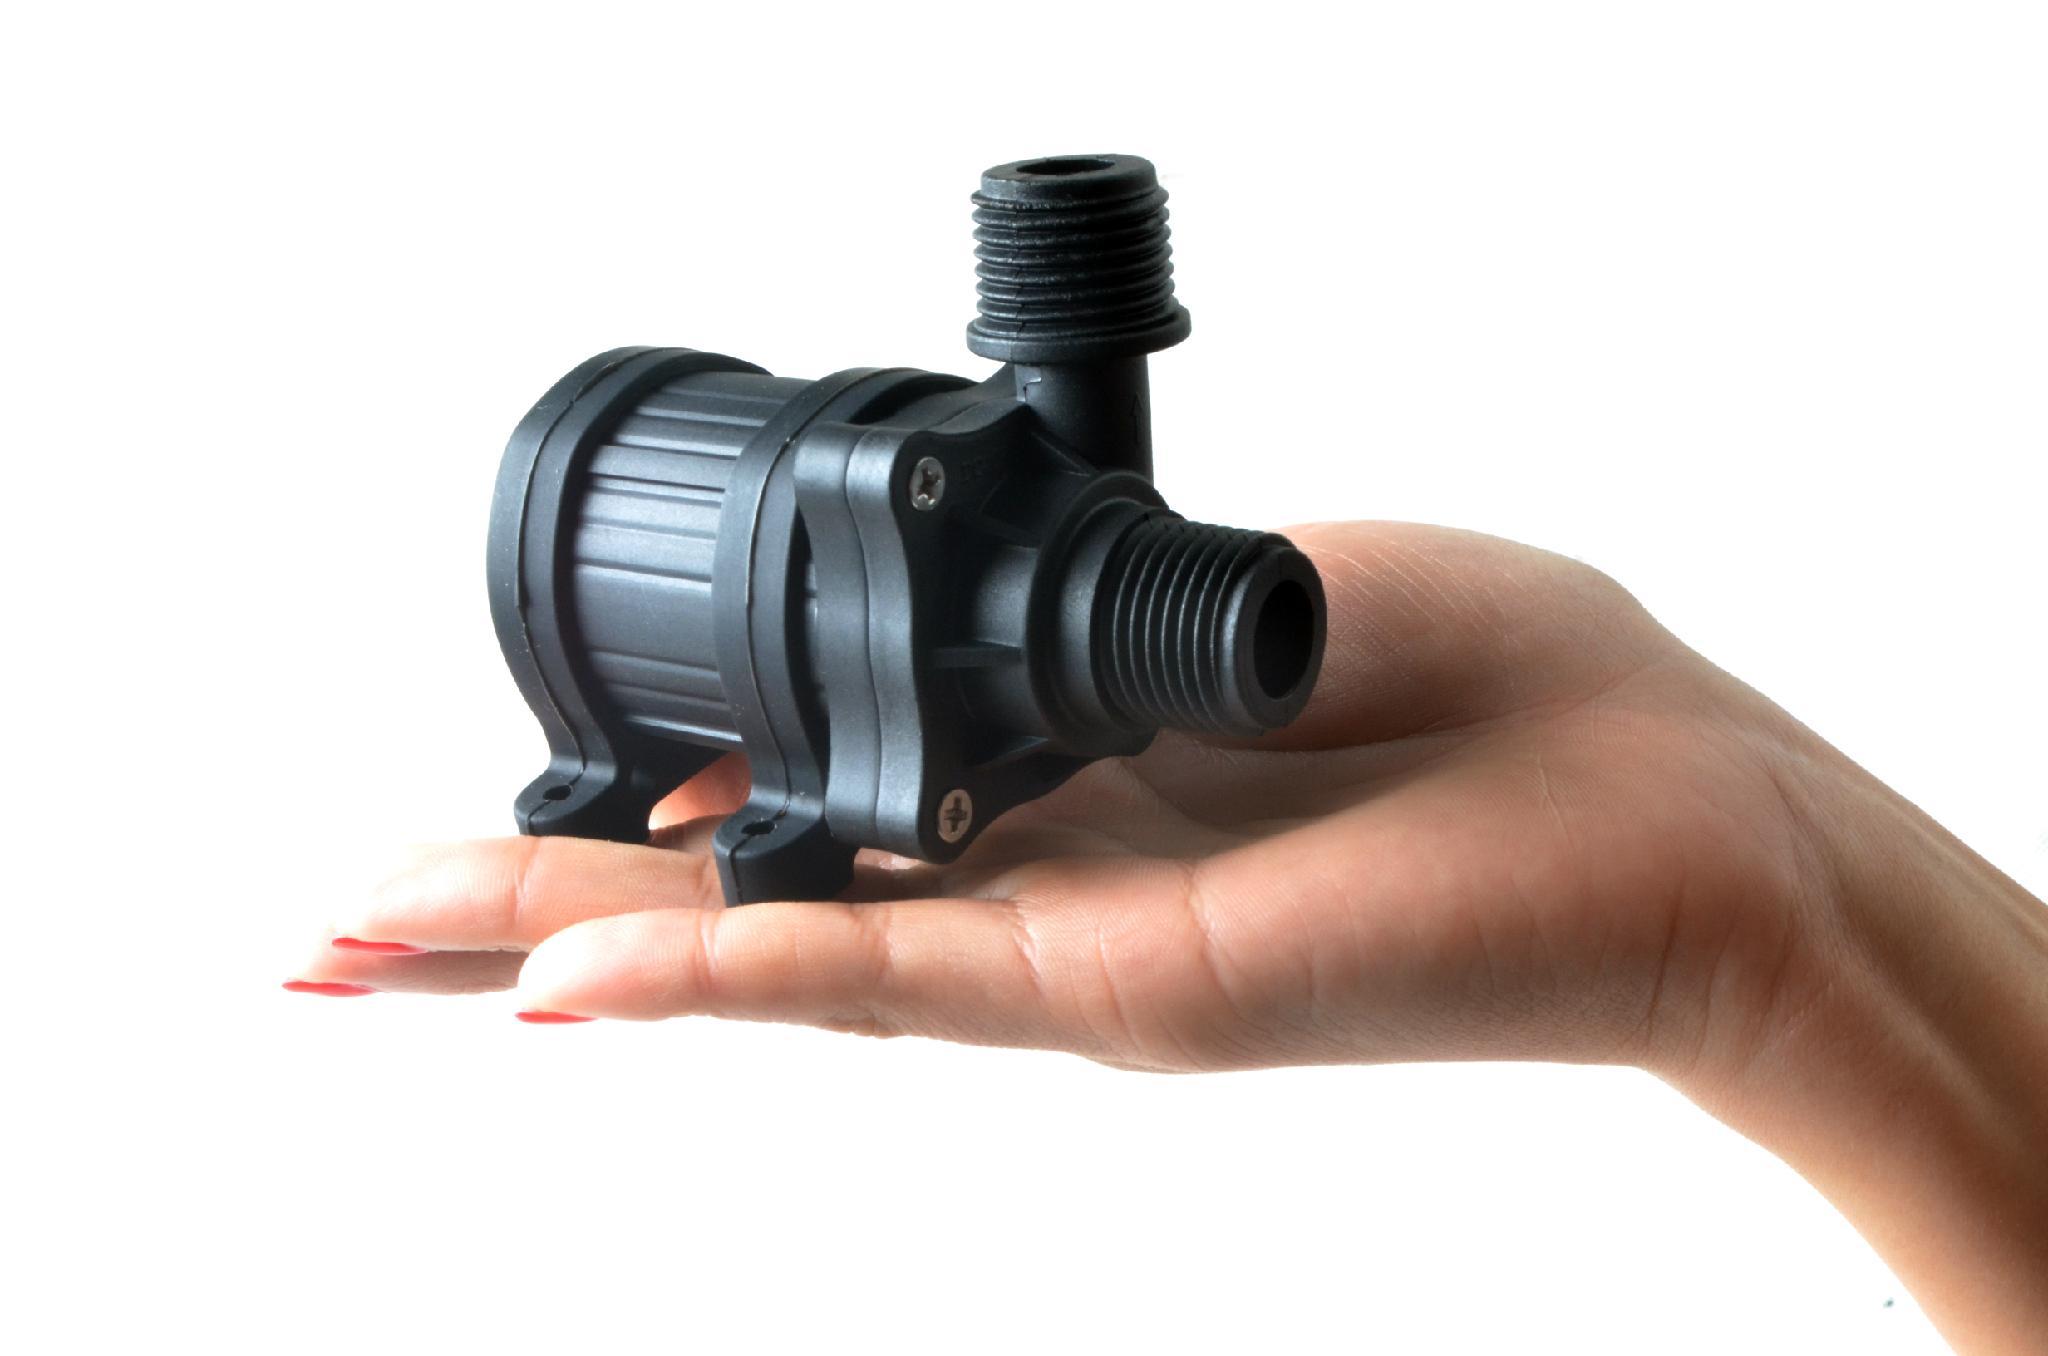 Насос для воды 12v (вольт): маленький водяной погружной вариант, мини-конструкция для перекачки, модели высокого давления